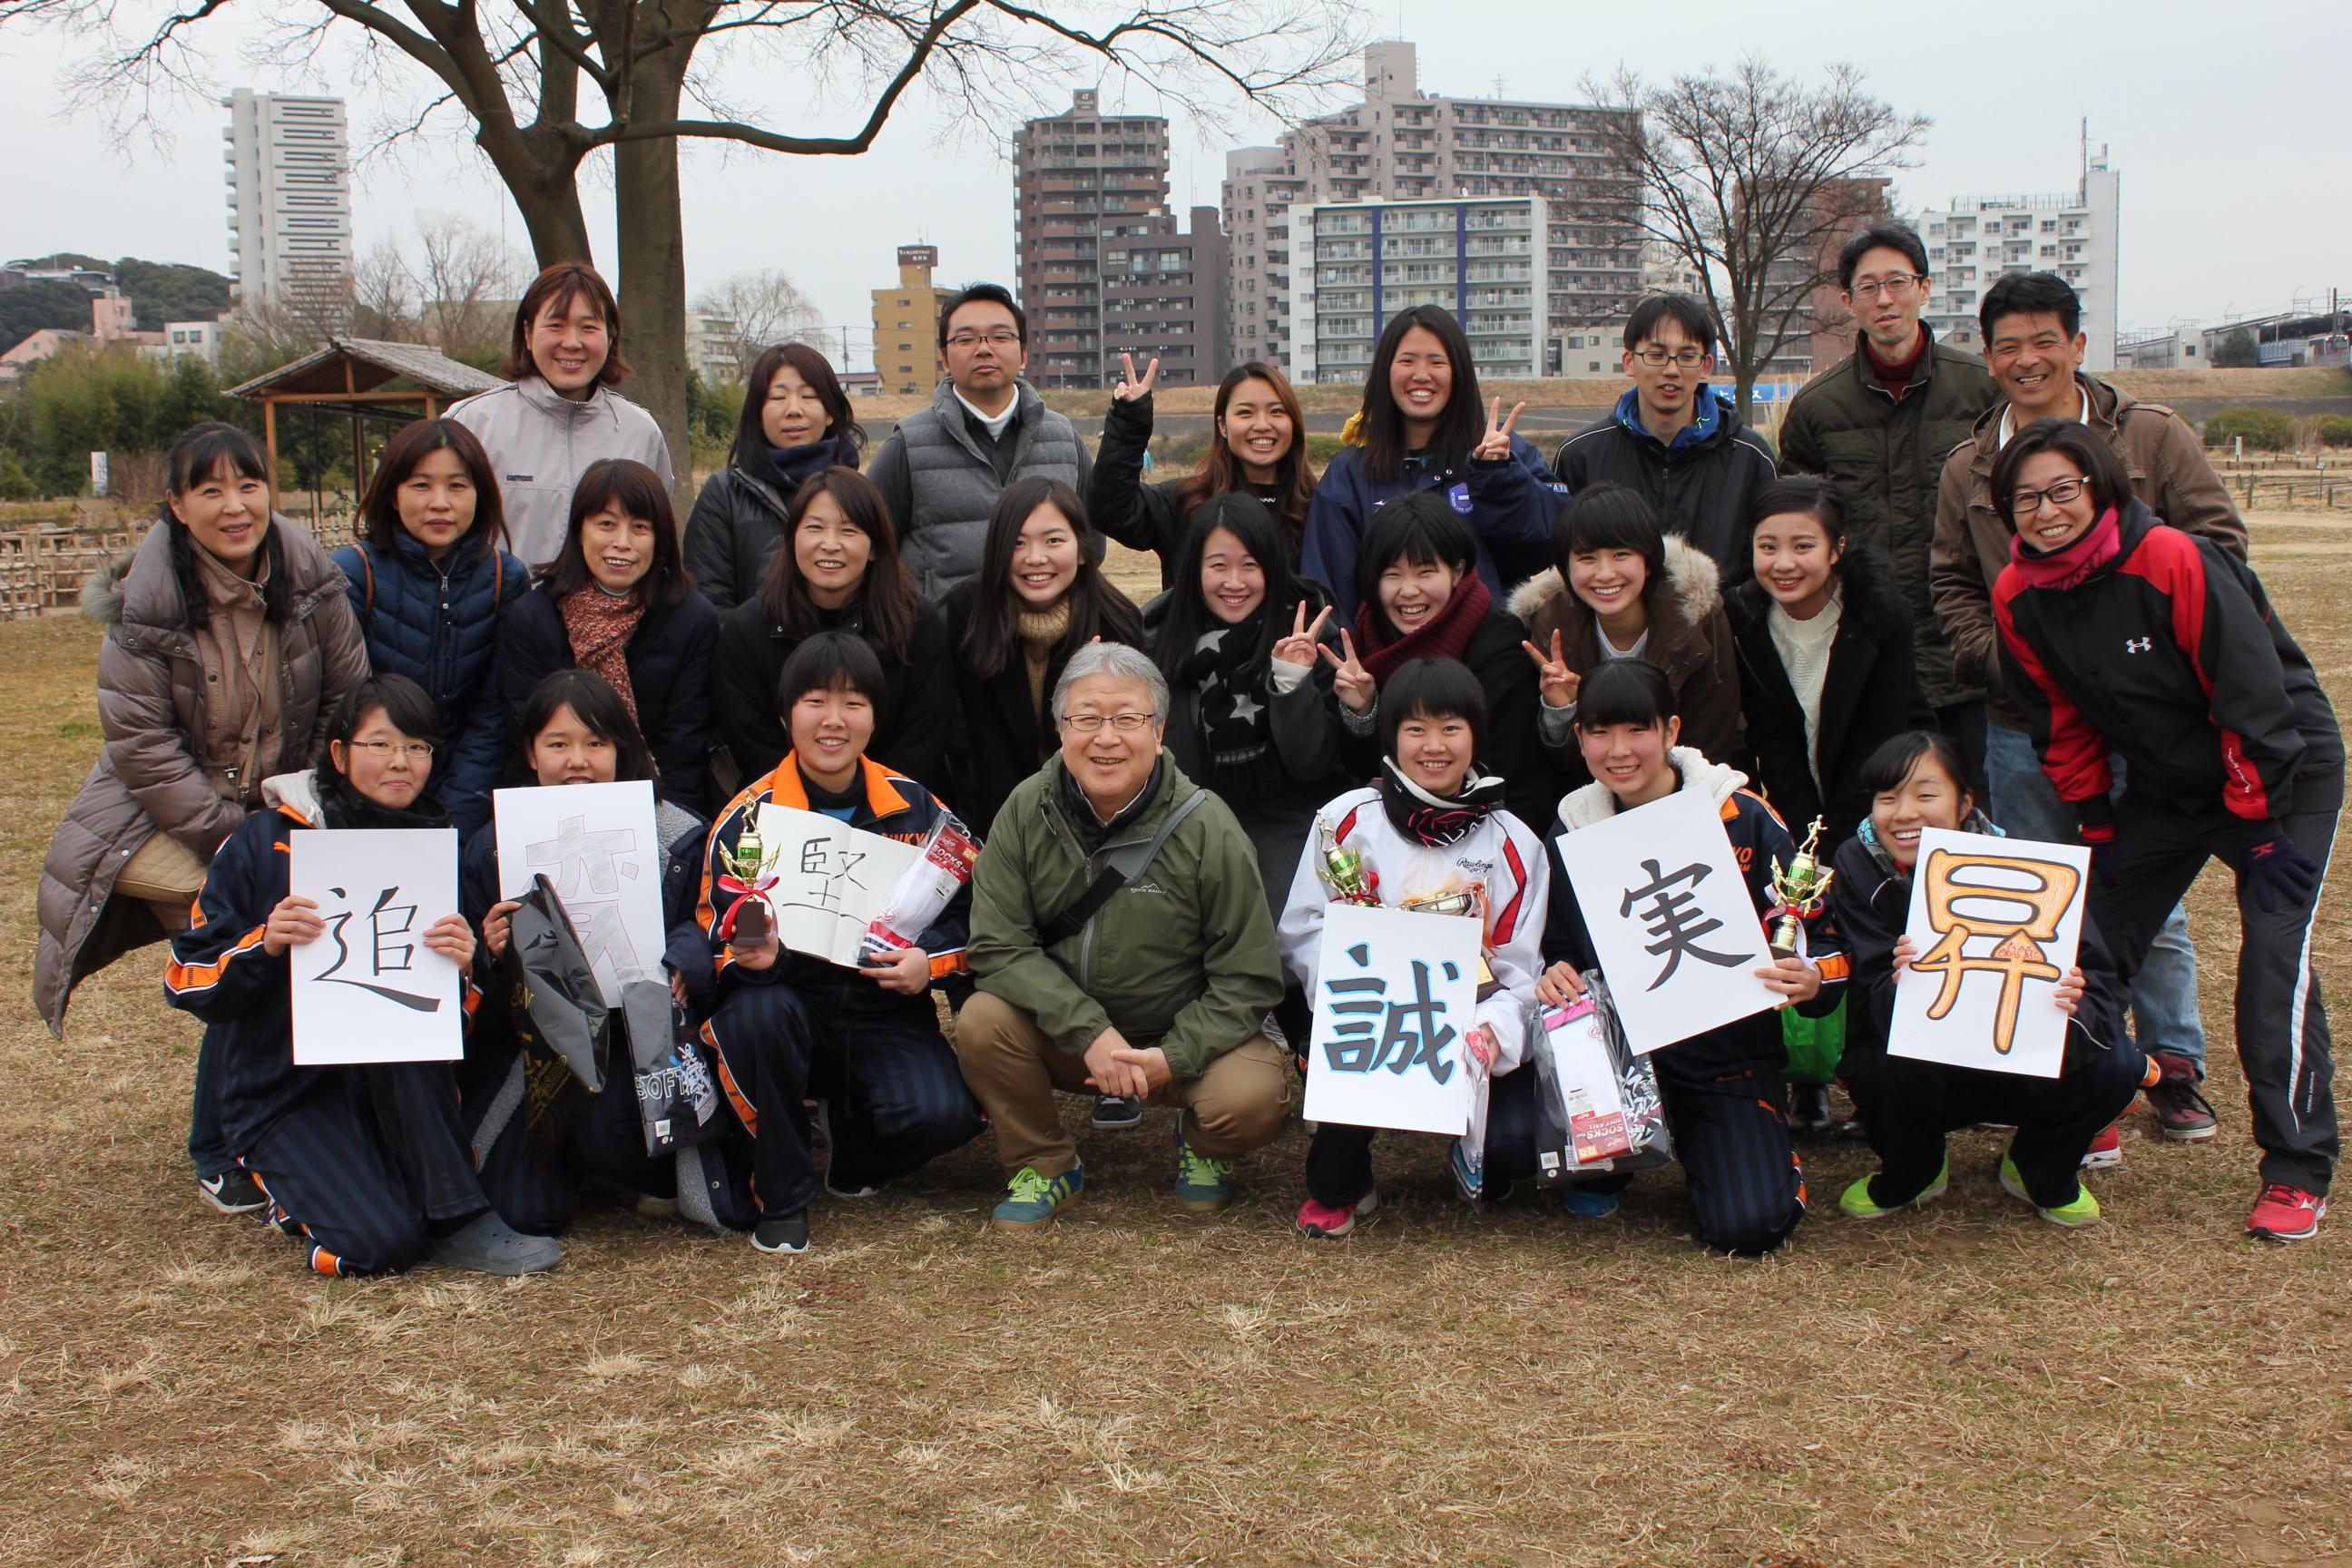 softball2017yoshikawa10.JPG